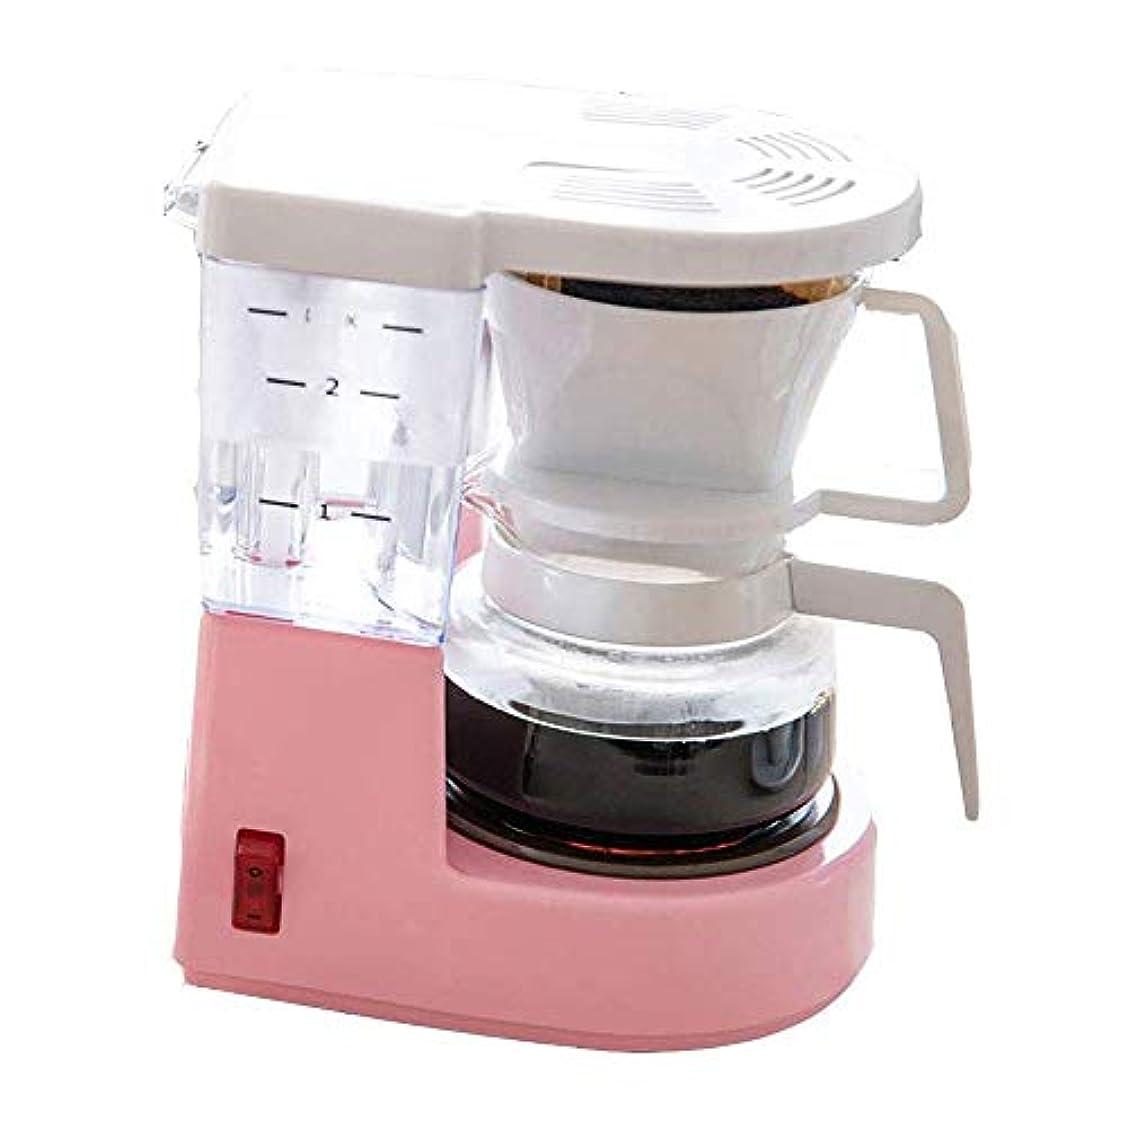 病核ドローXLEVE コーヒーメーカー、ポッドなどのほとんどのシングルカップポッド用の取り外し可能なカバー付きシングルサーブコーヒーブリューワー、クイックブリューテクノロジー、